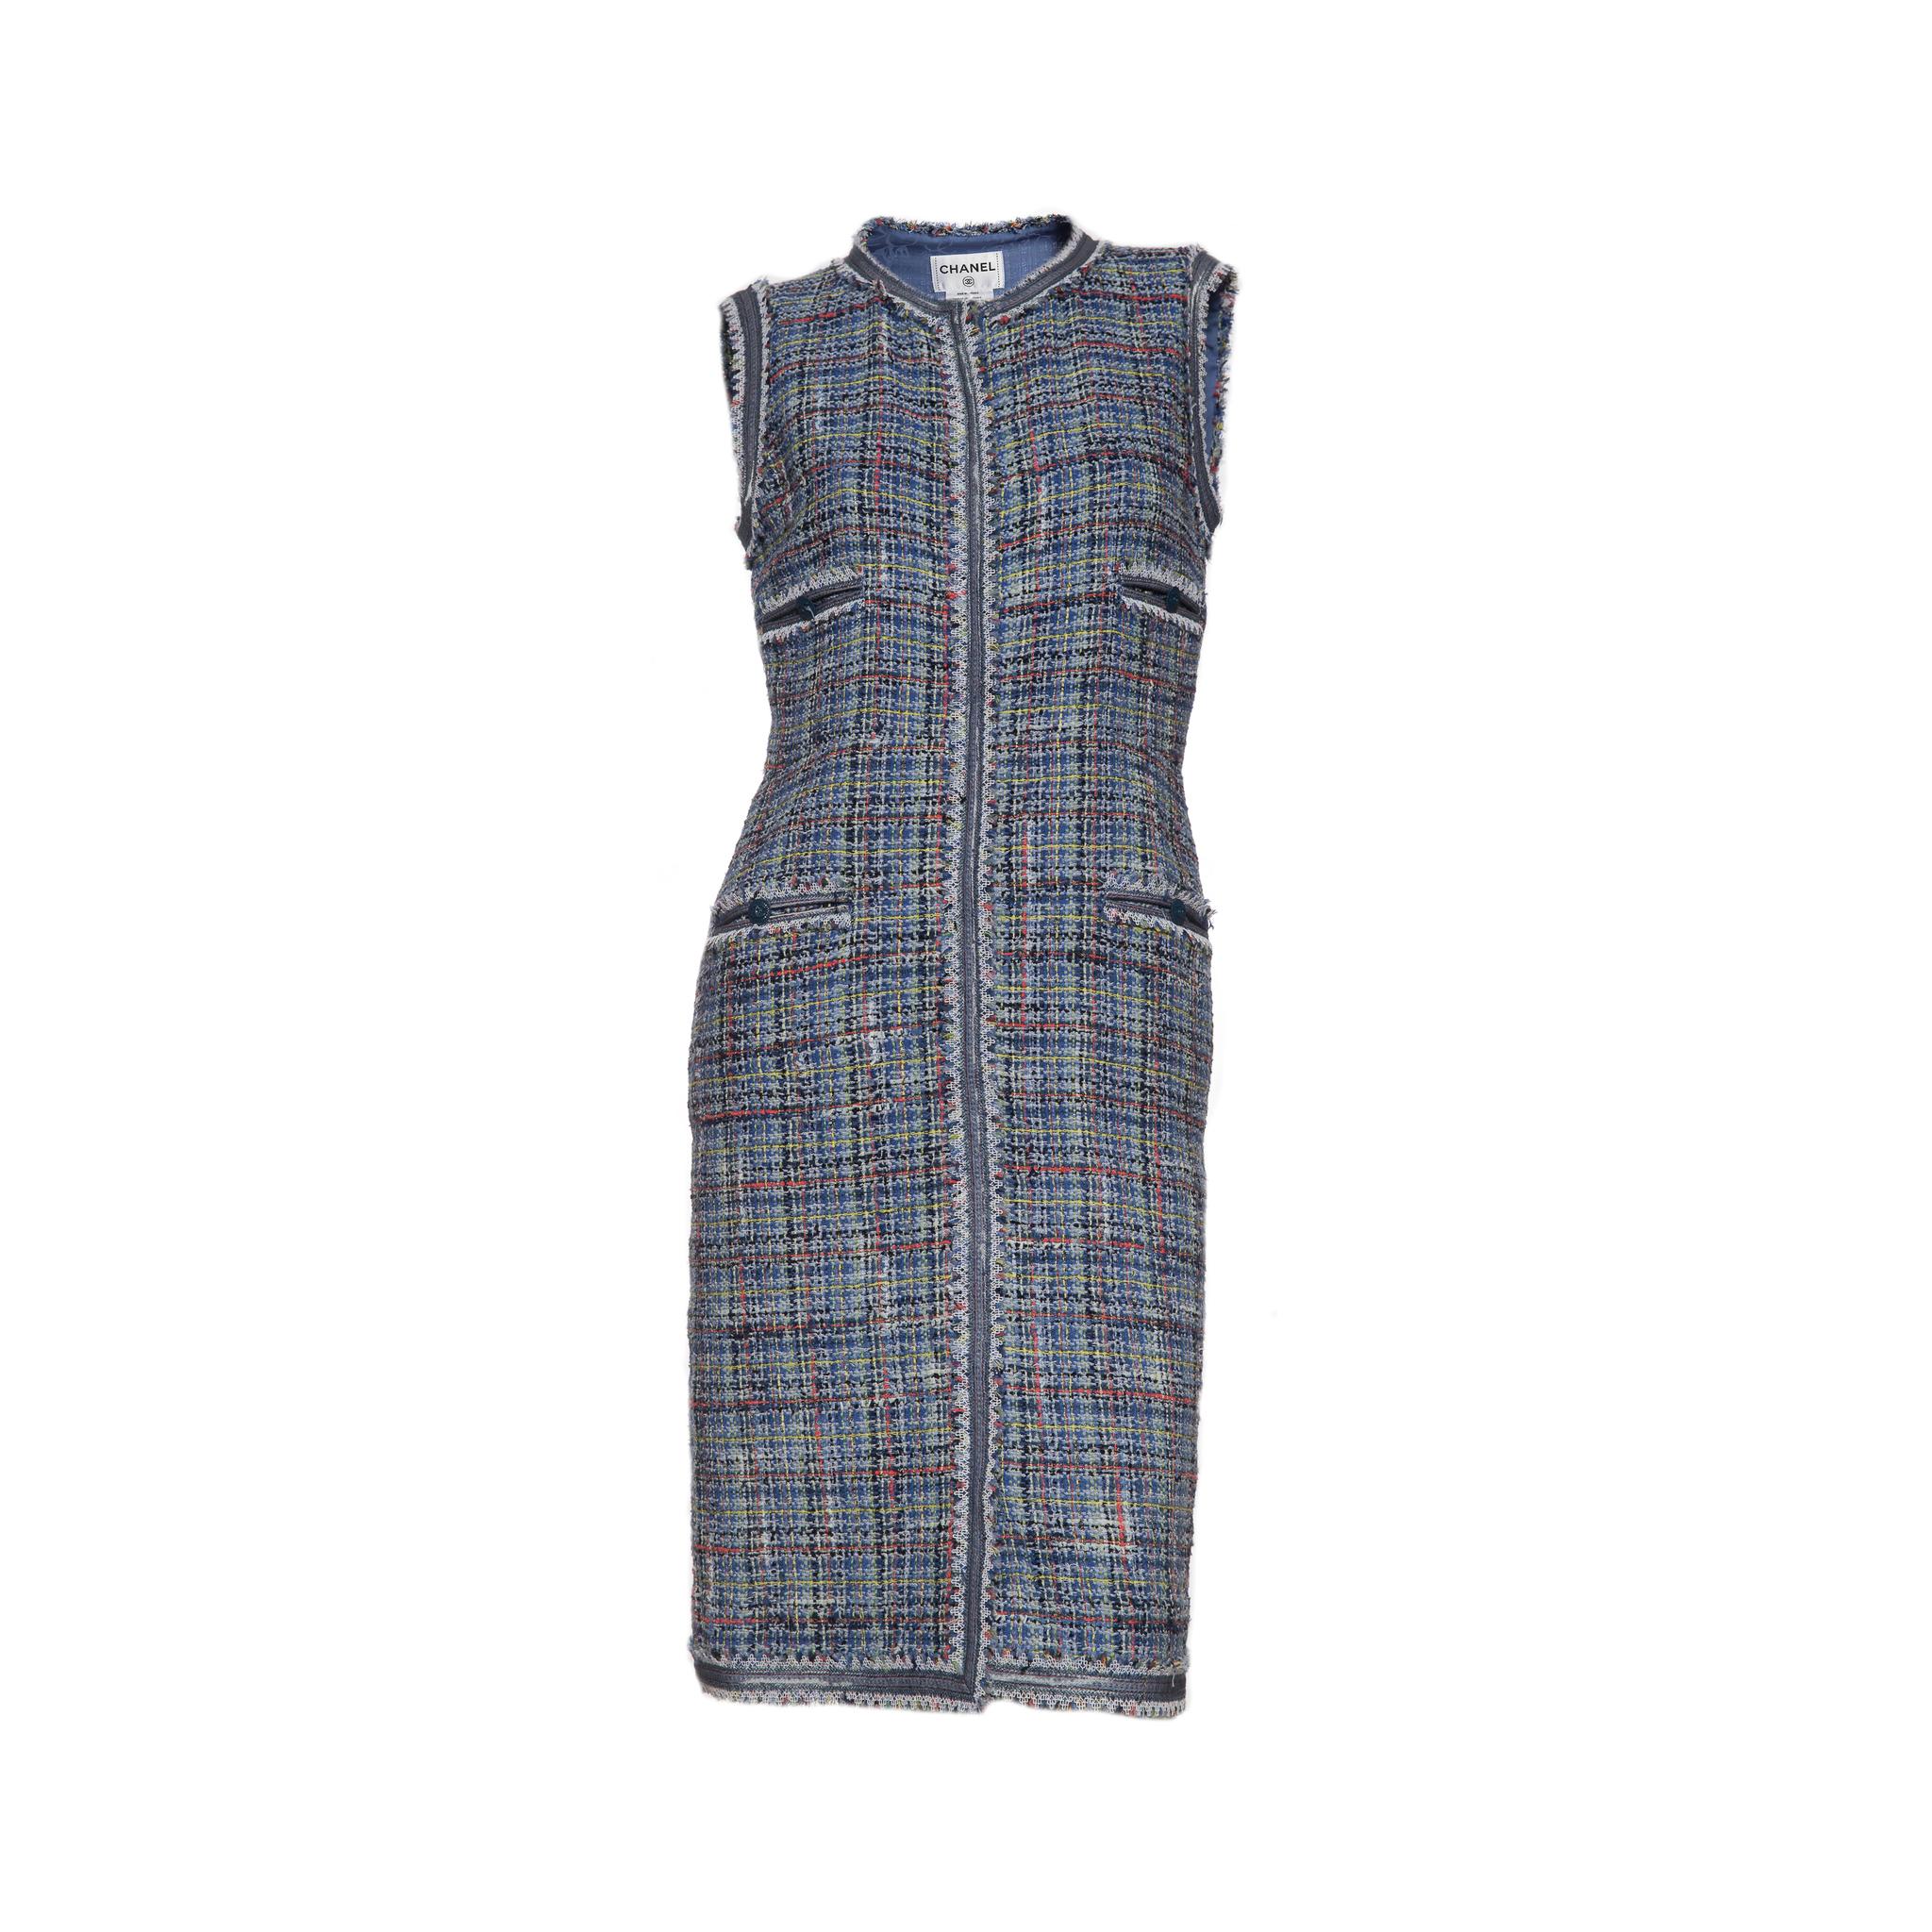 Стильное платье из твида от Chanel, 38 размер.